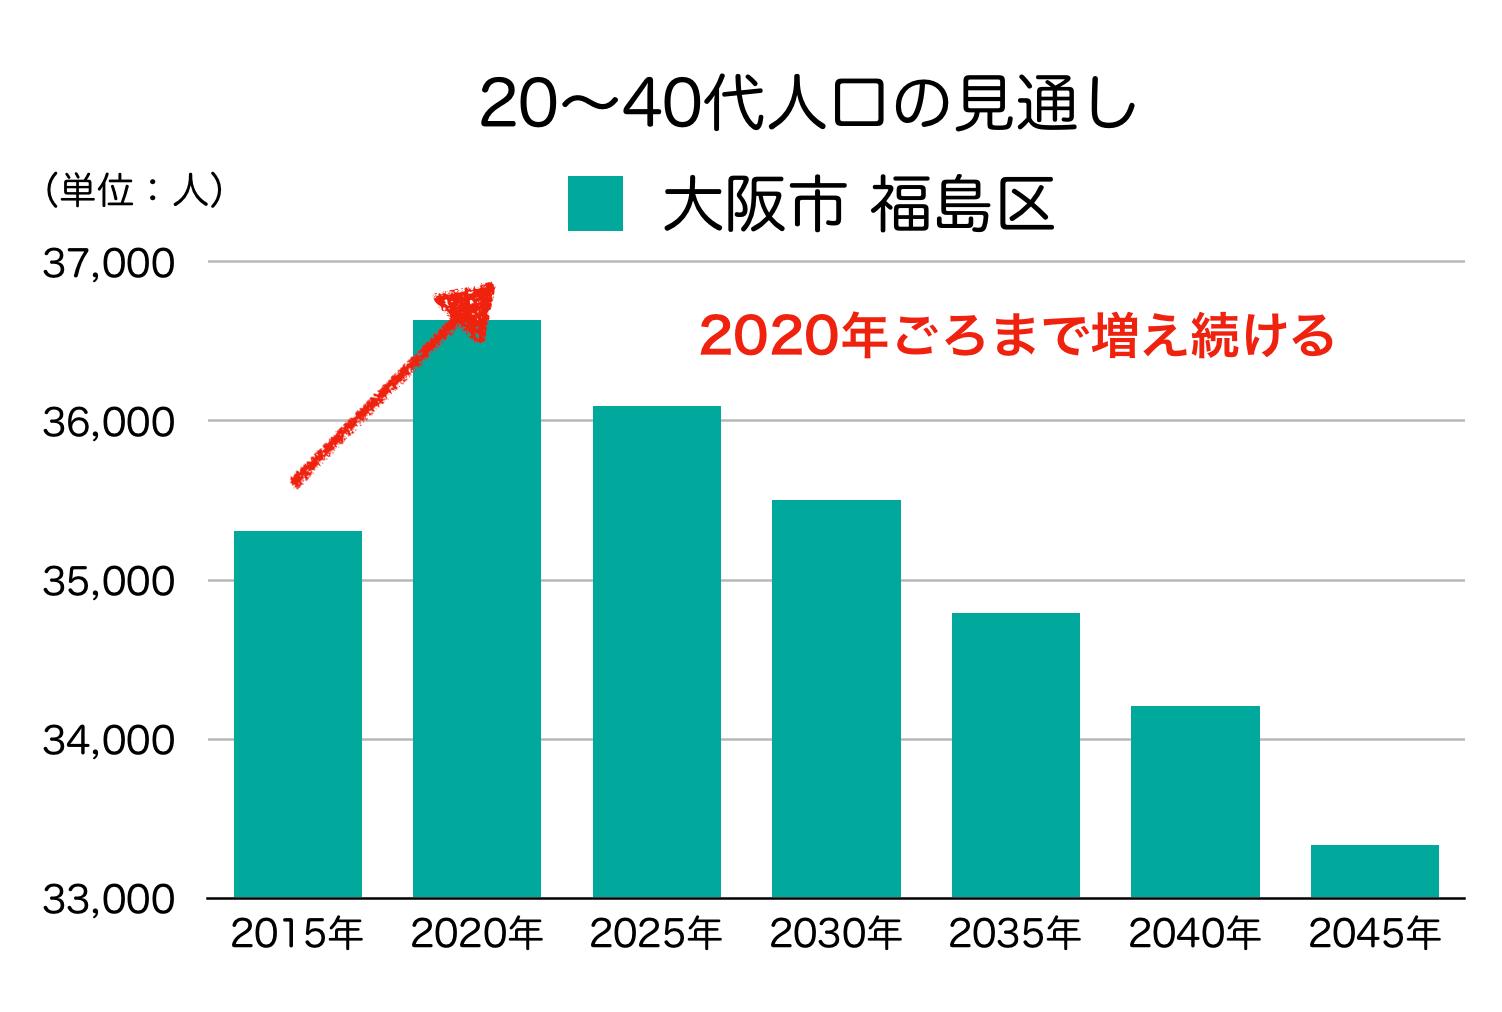 大阪市福島区の20〜40代人口の予測